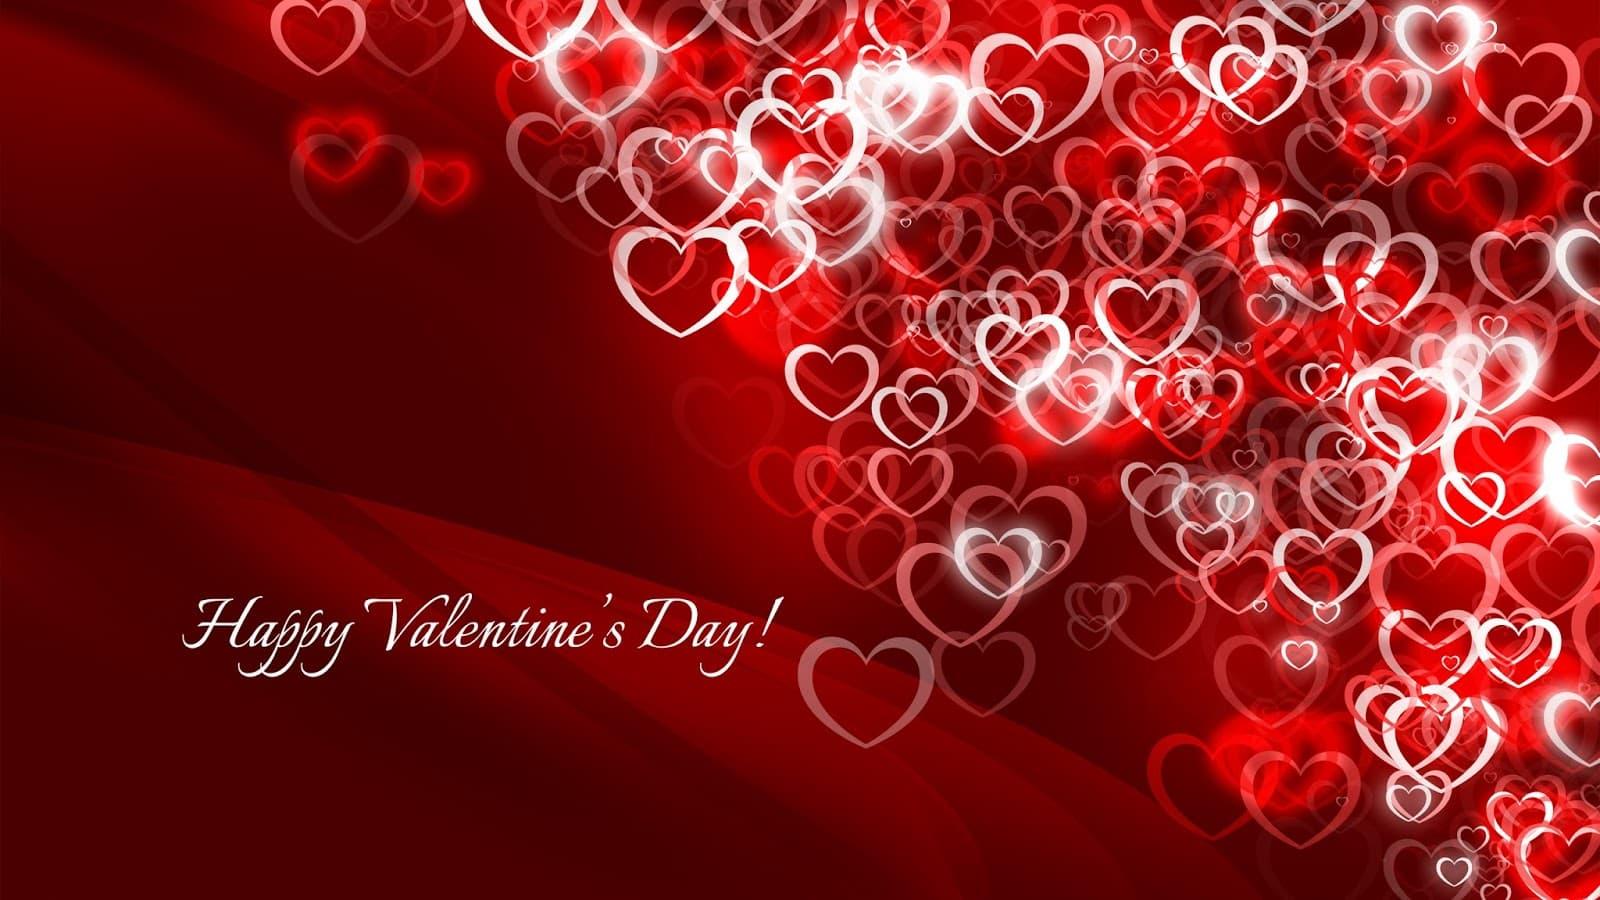 03 情人節 Valentines Day